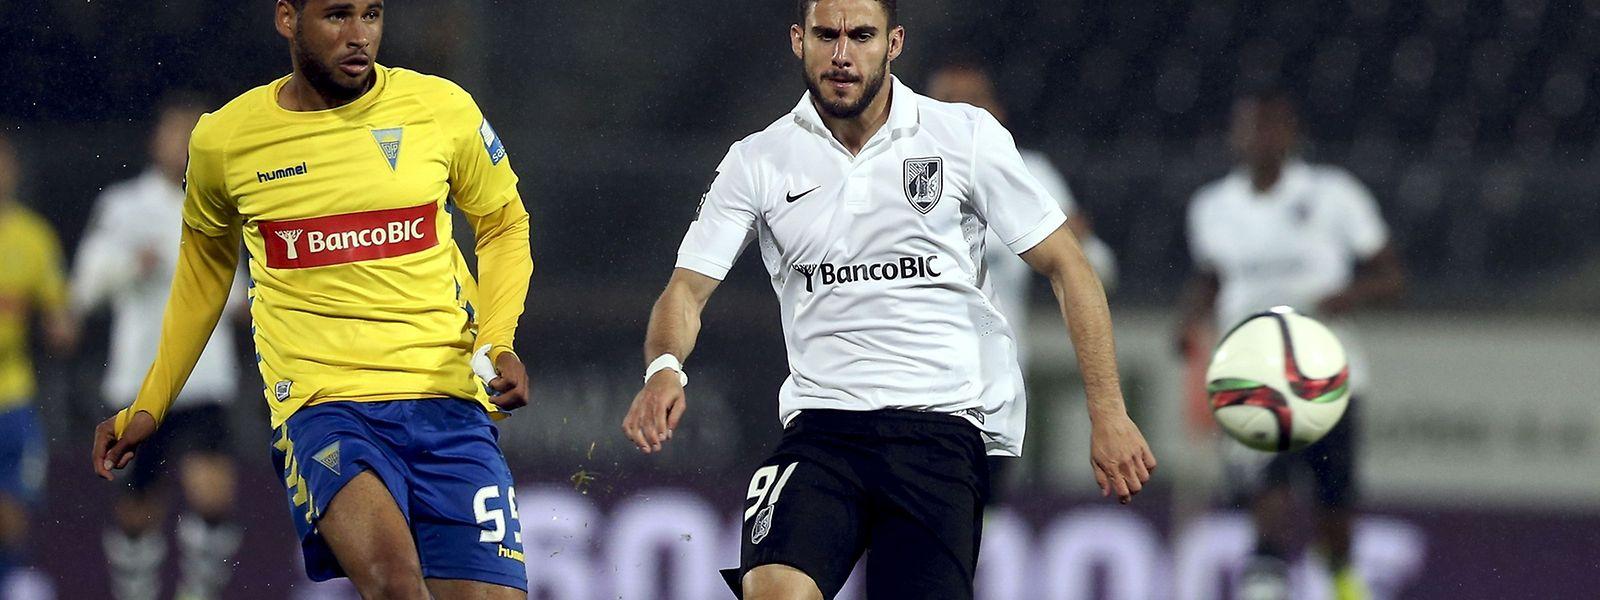 Ricardo Valente (branco) foi o homem do jogo no estádio D. Afonso Henriques